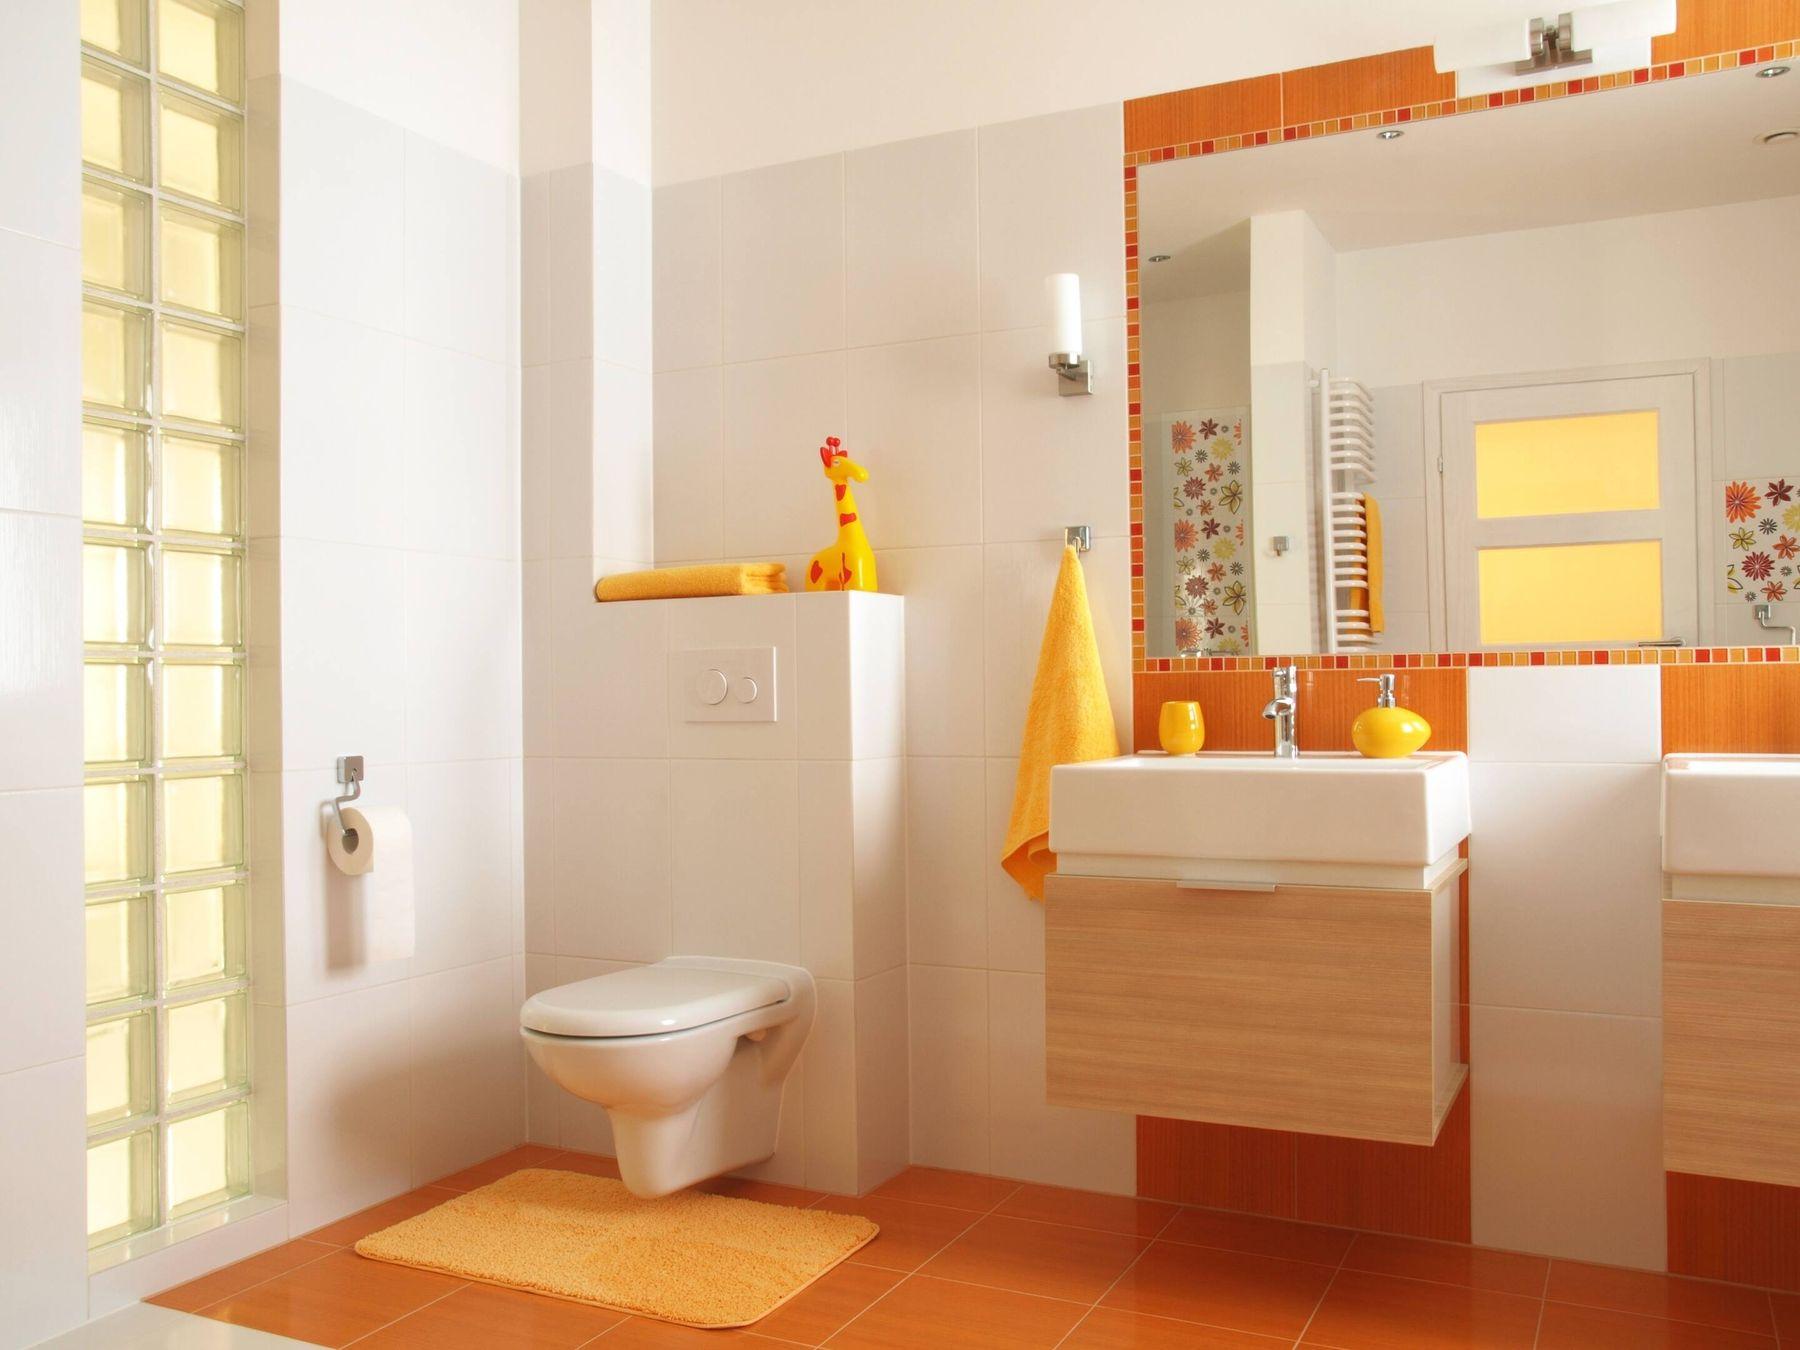 Banyo Temizliği Nasıl Yapılır?